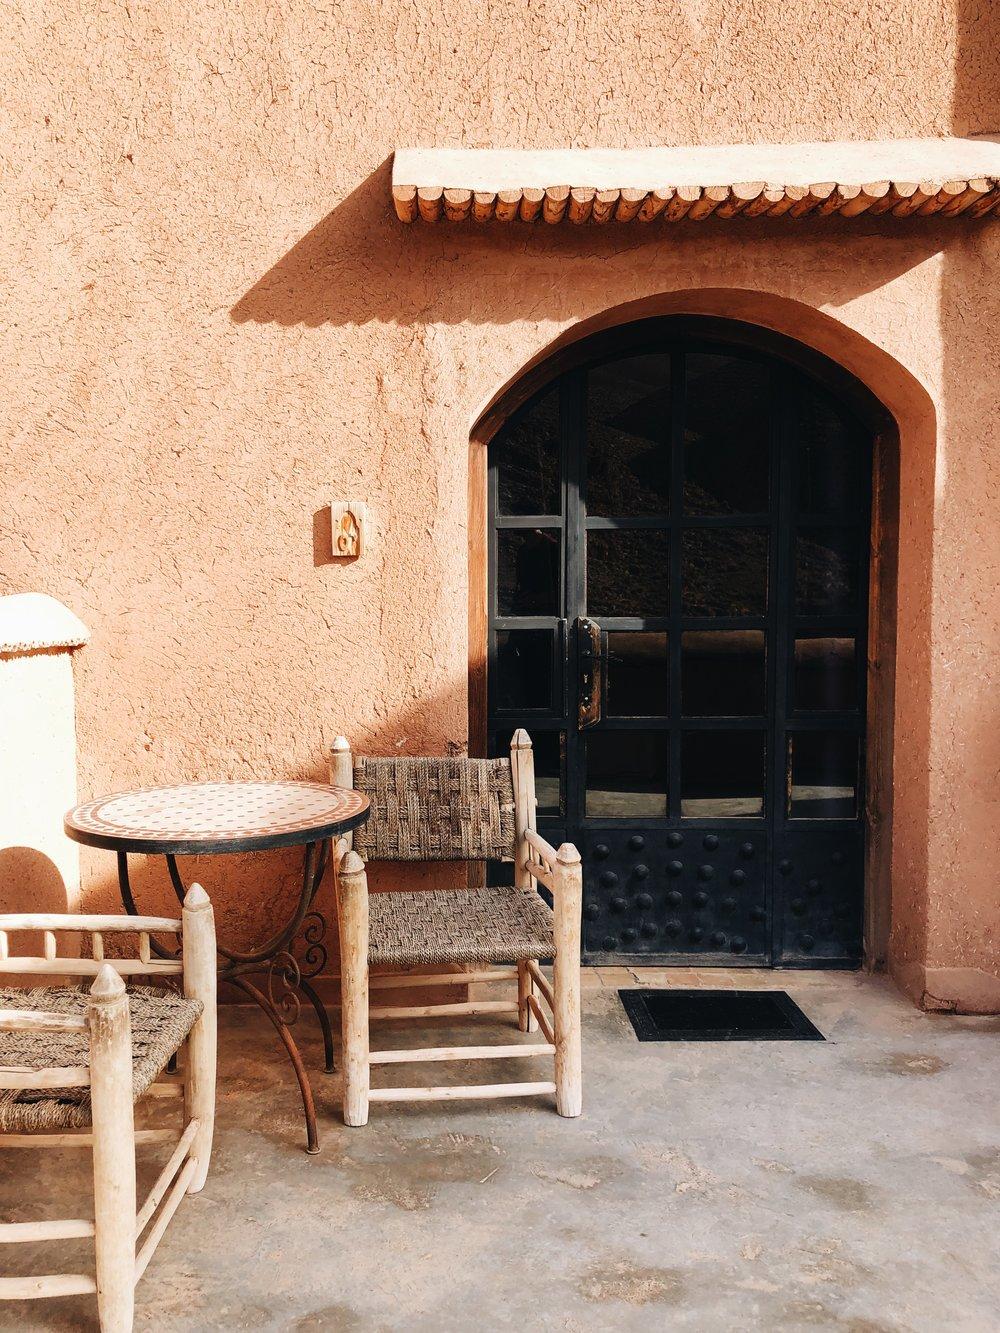 Dades Gorge, Morocco | Ciao Fabello